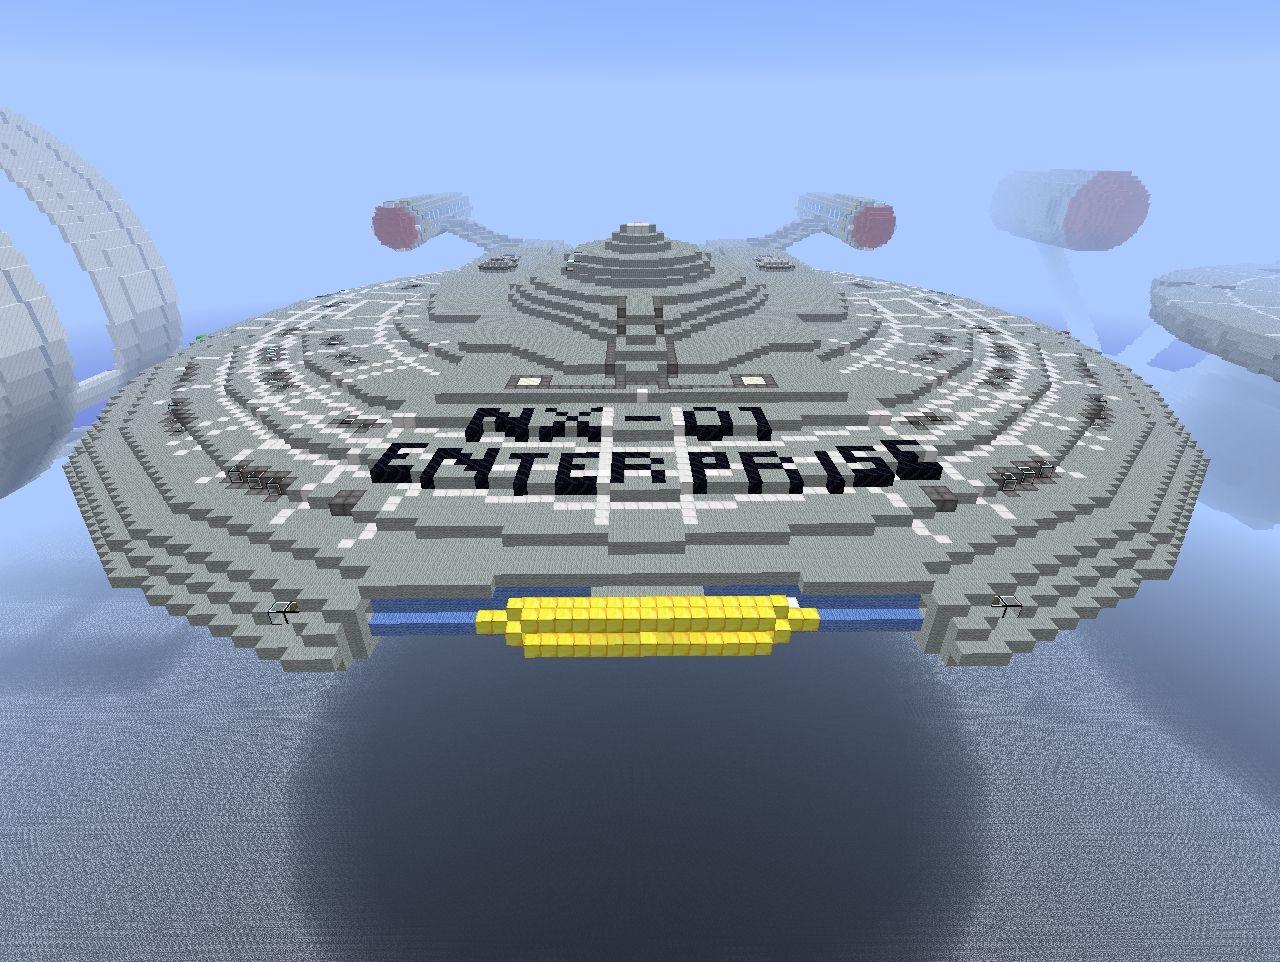 Starship enterprise minecraft download